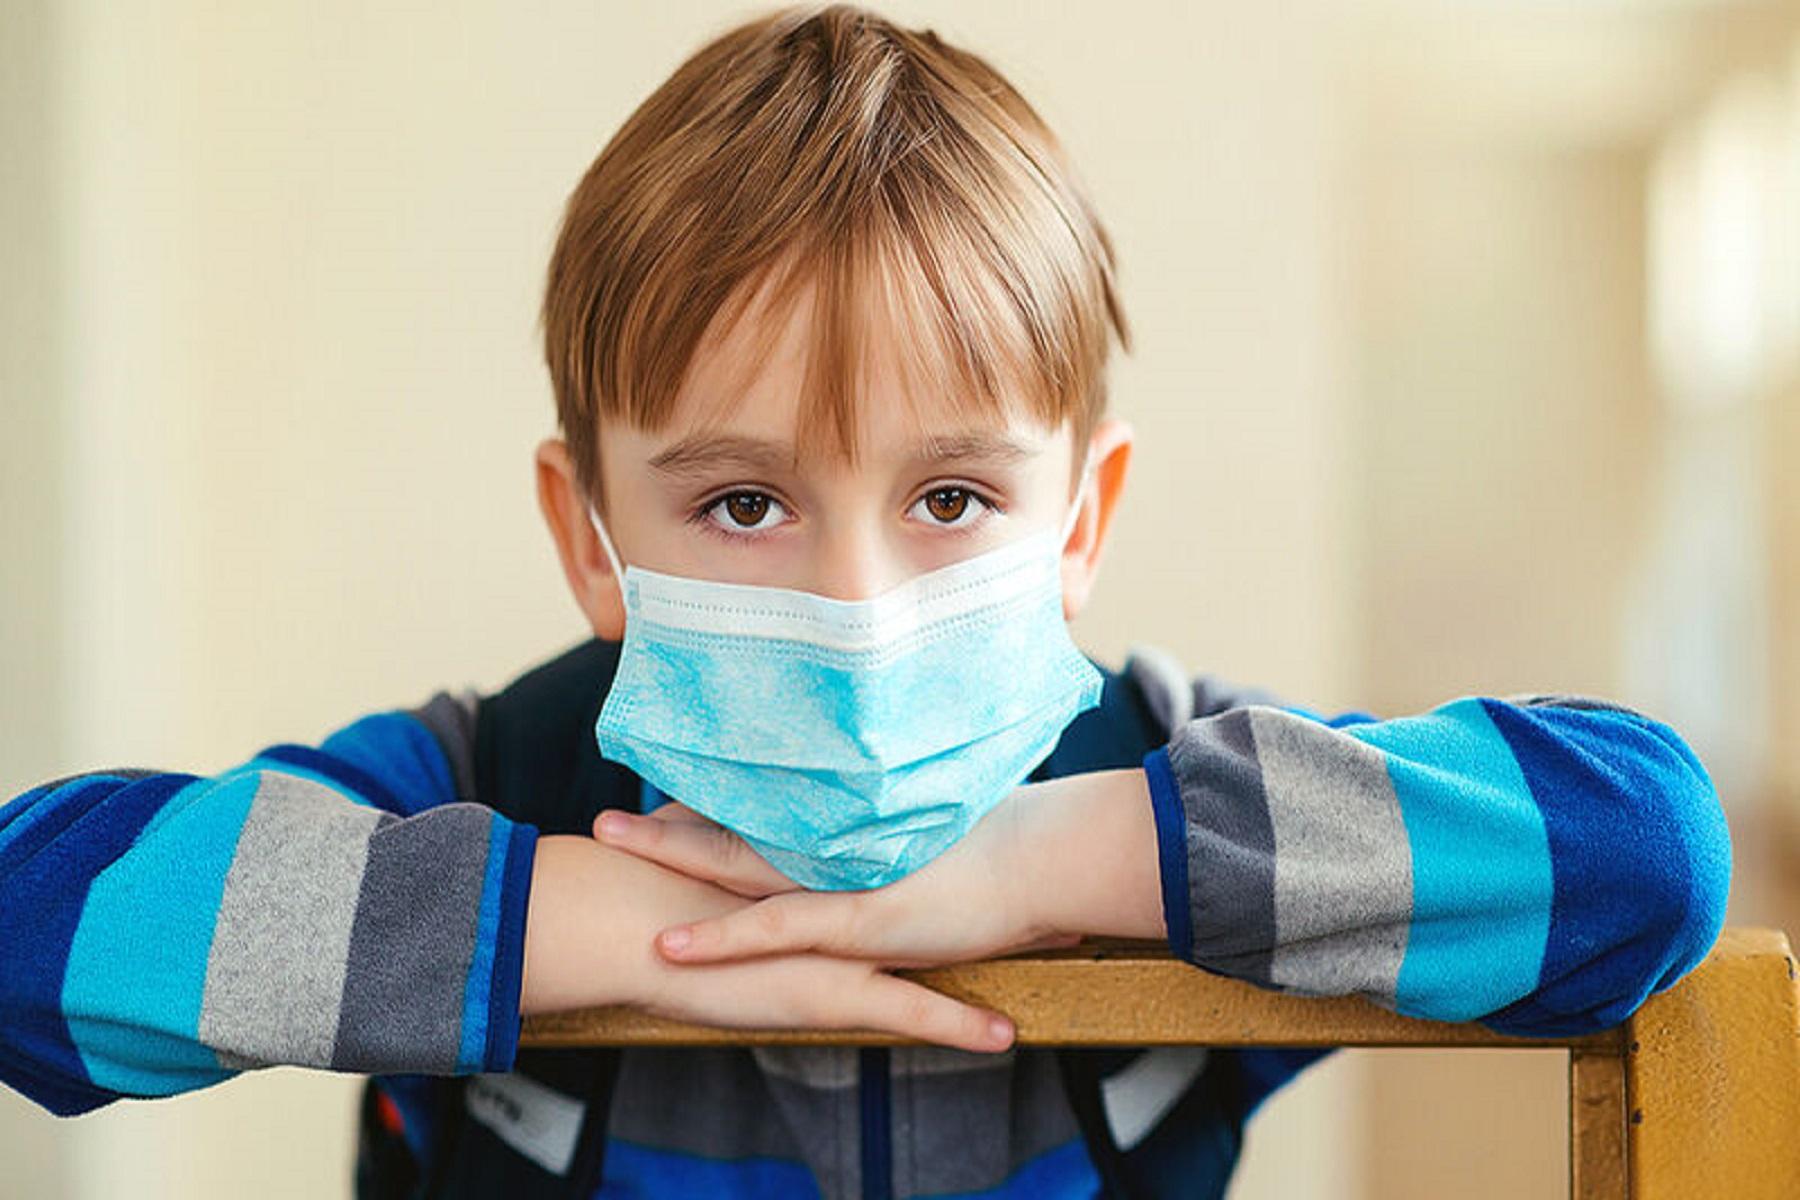 ΗΠΑ: Τα κρούσματα COVID-19 αυξάνονται μεταξύ των παιδιών δείχνουν τα δεδομένα